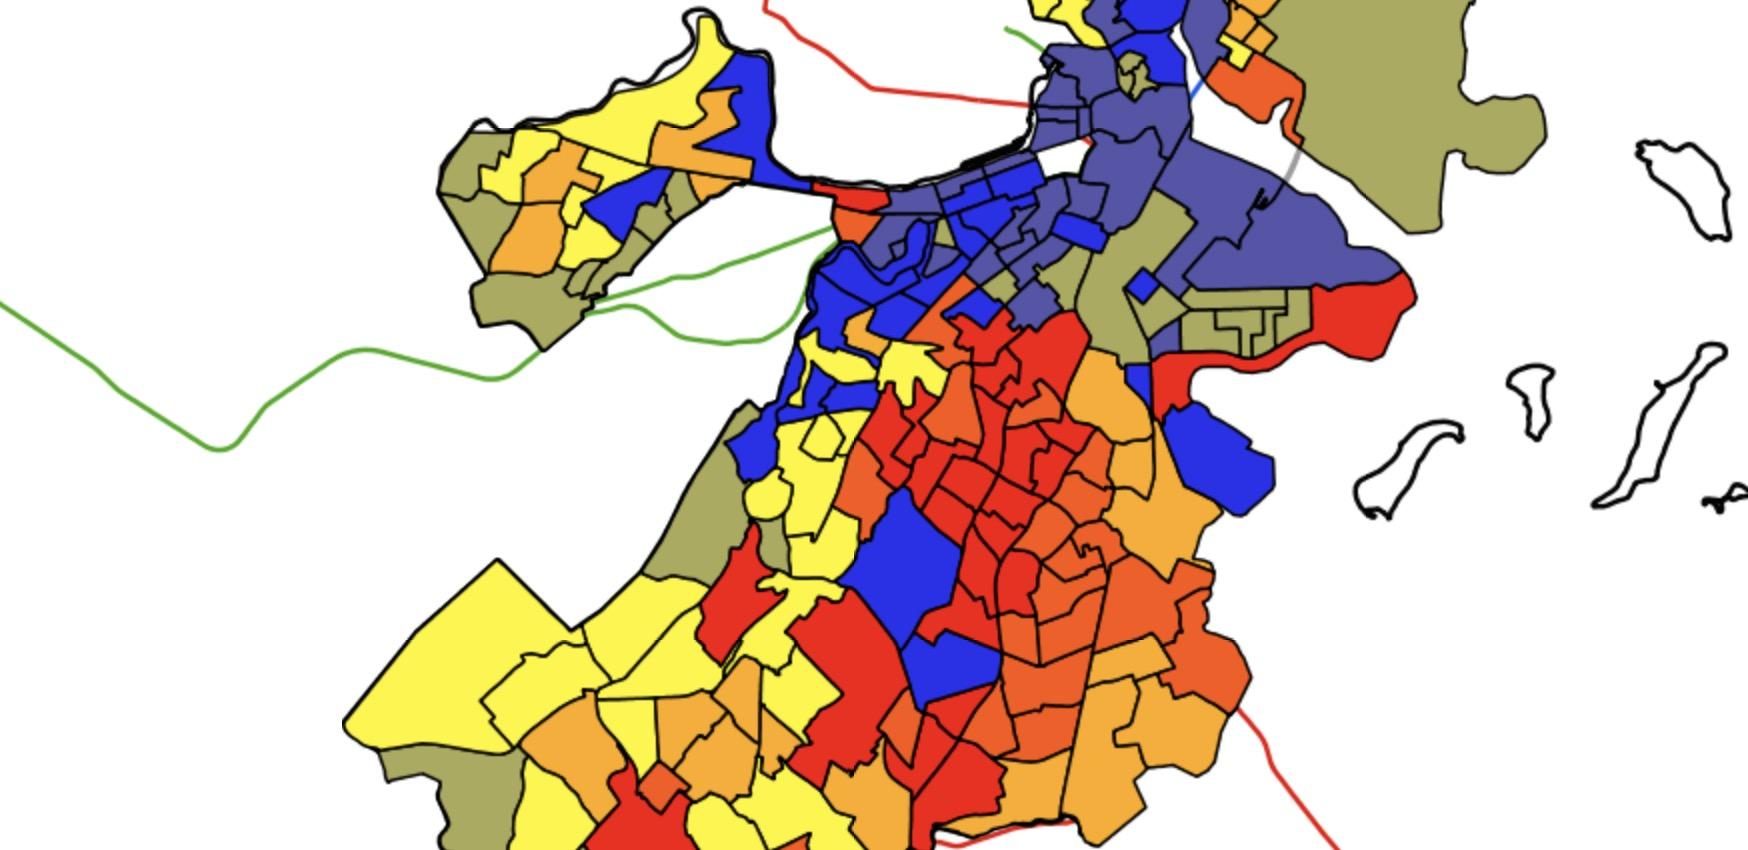 Boston Area Research Initiative